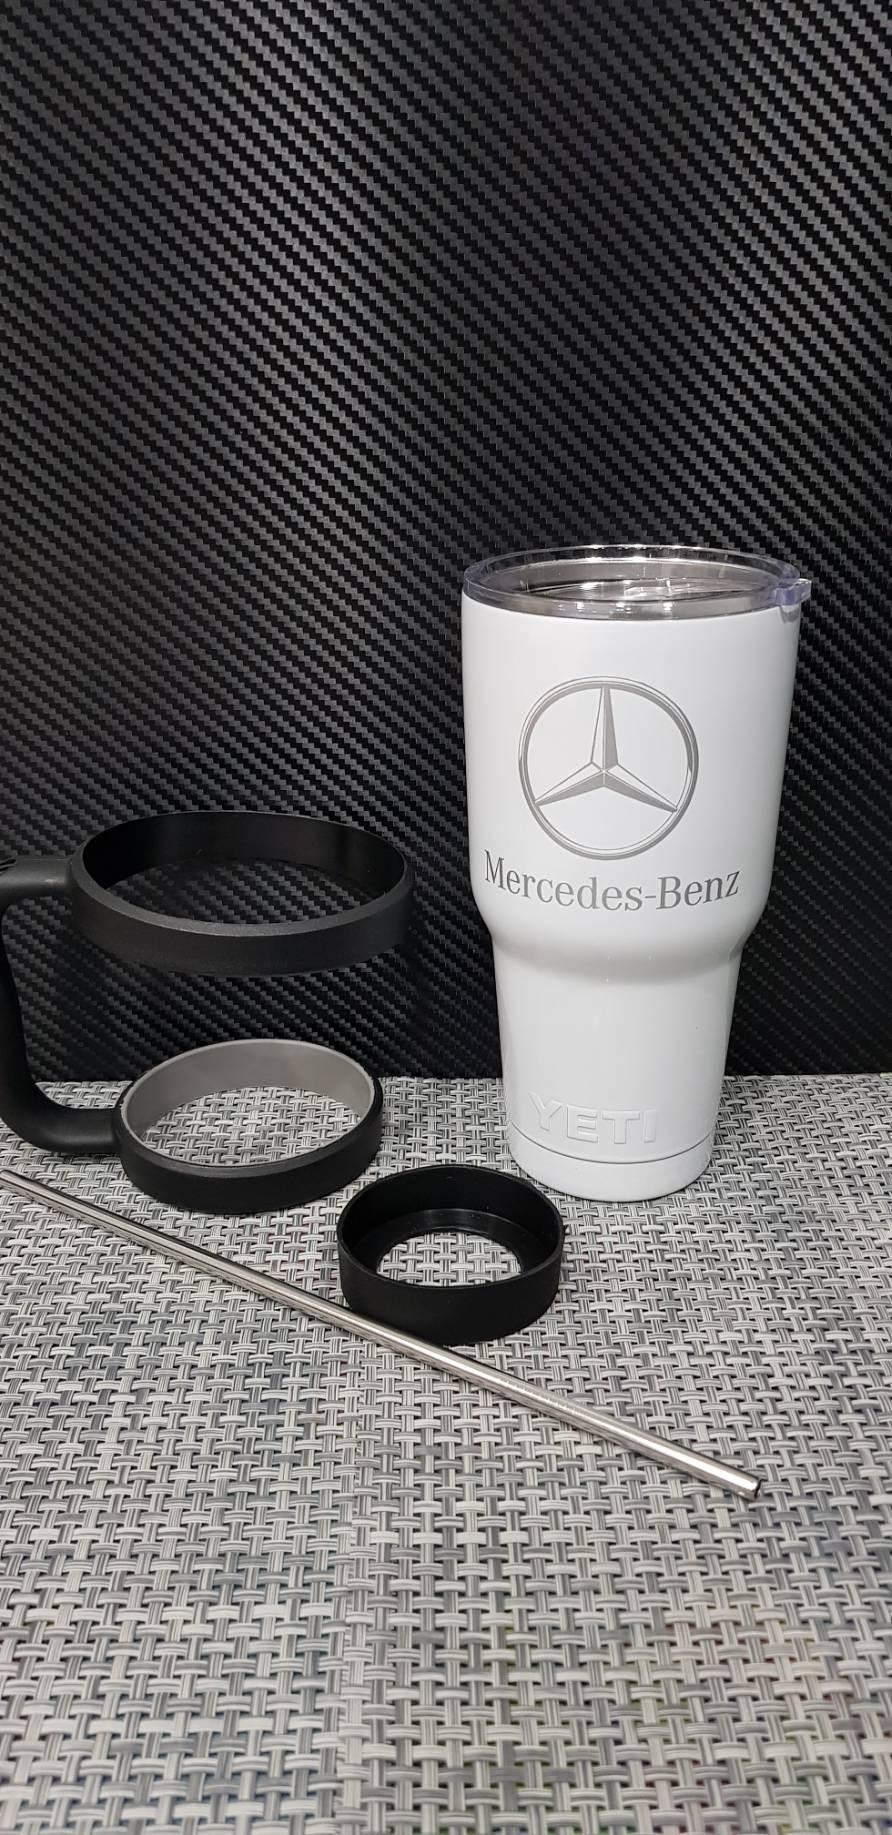 ชุดแก้วเยติ 30 ออนซ์ พื้นสีขาว โลโก้ Benz